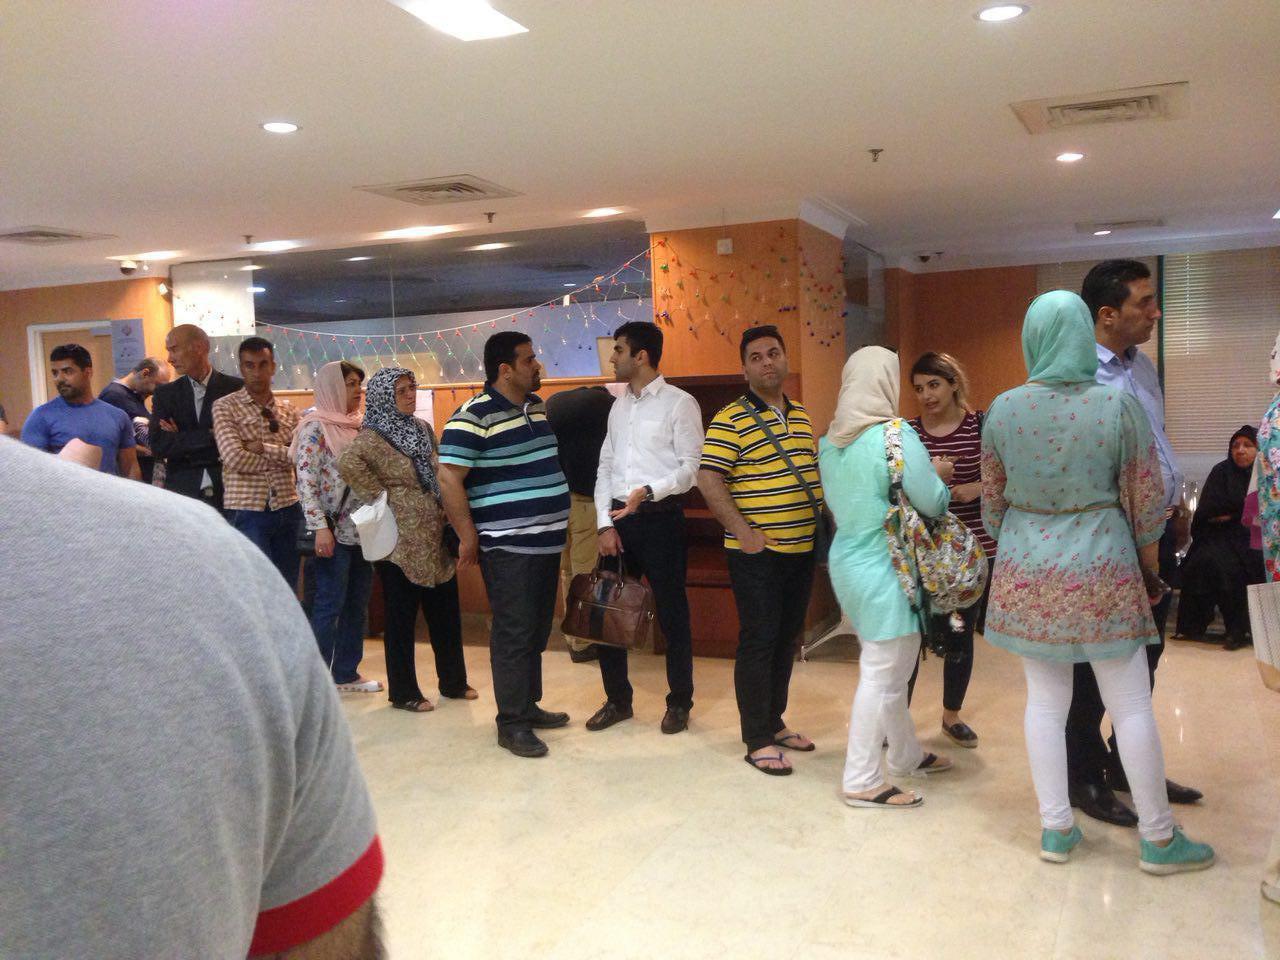 در مالزی